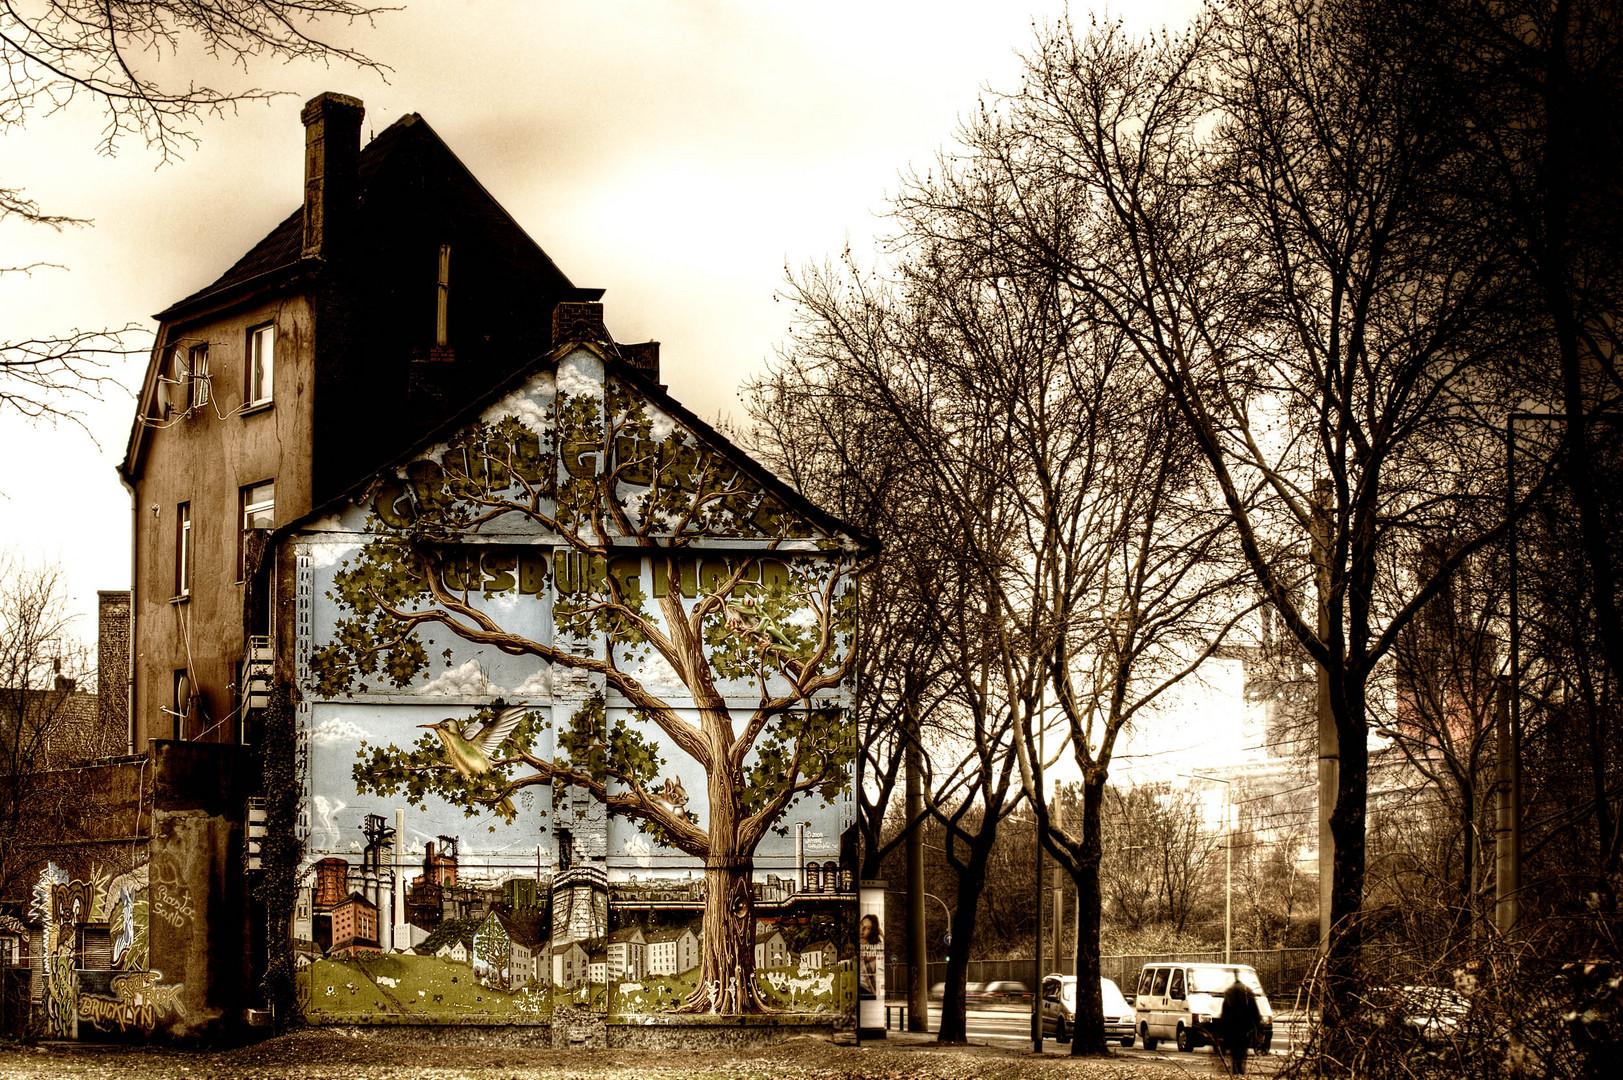 Fassadenbegrünung - Duisburg Bruckhausen 2011